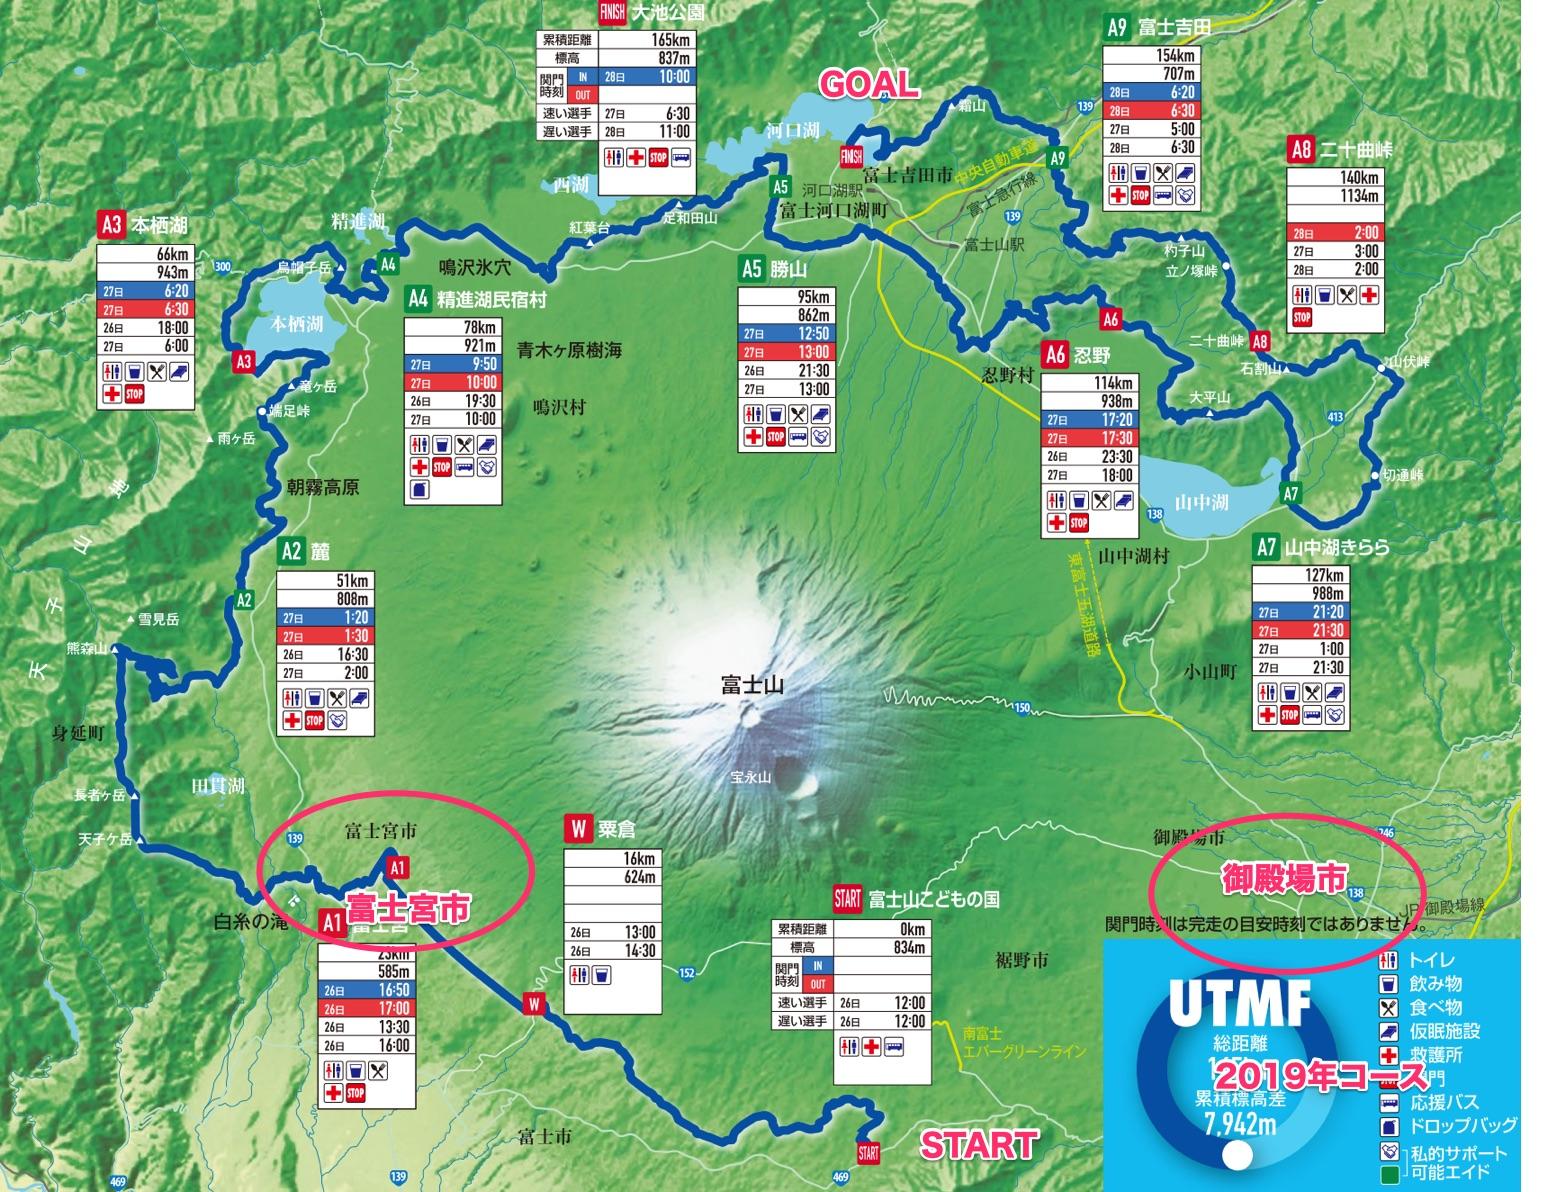 2019年UTMFコース図